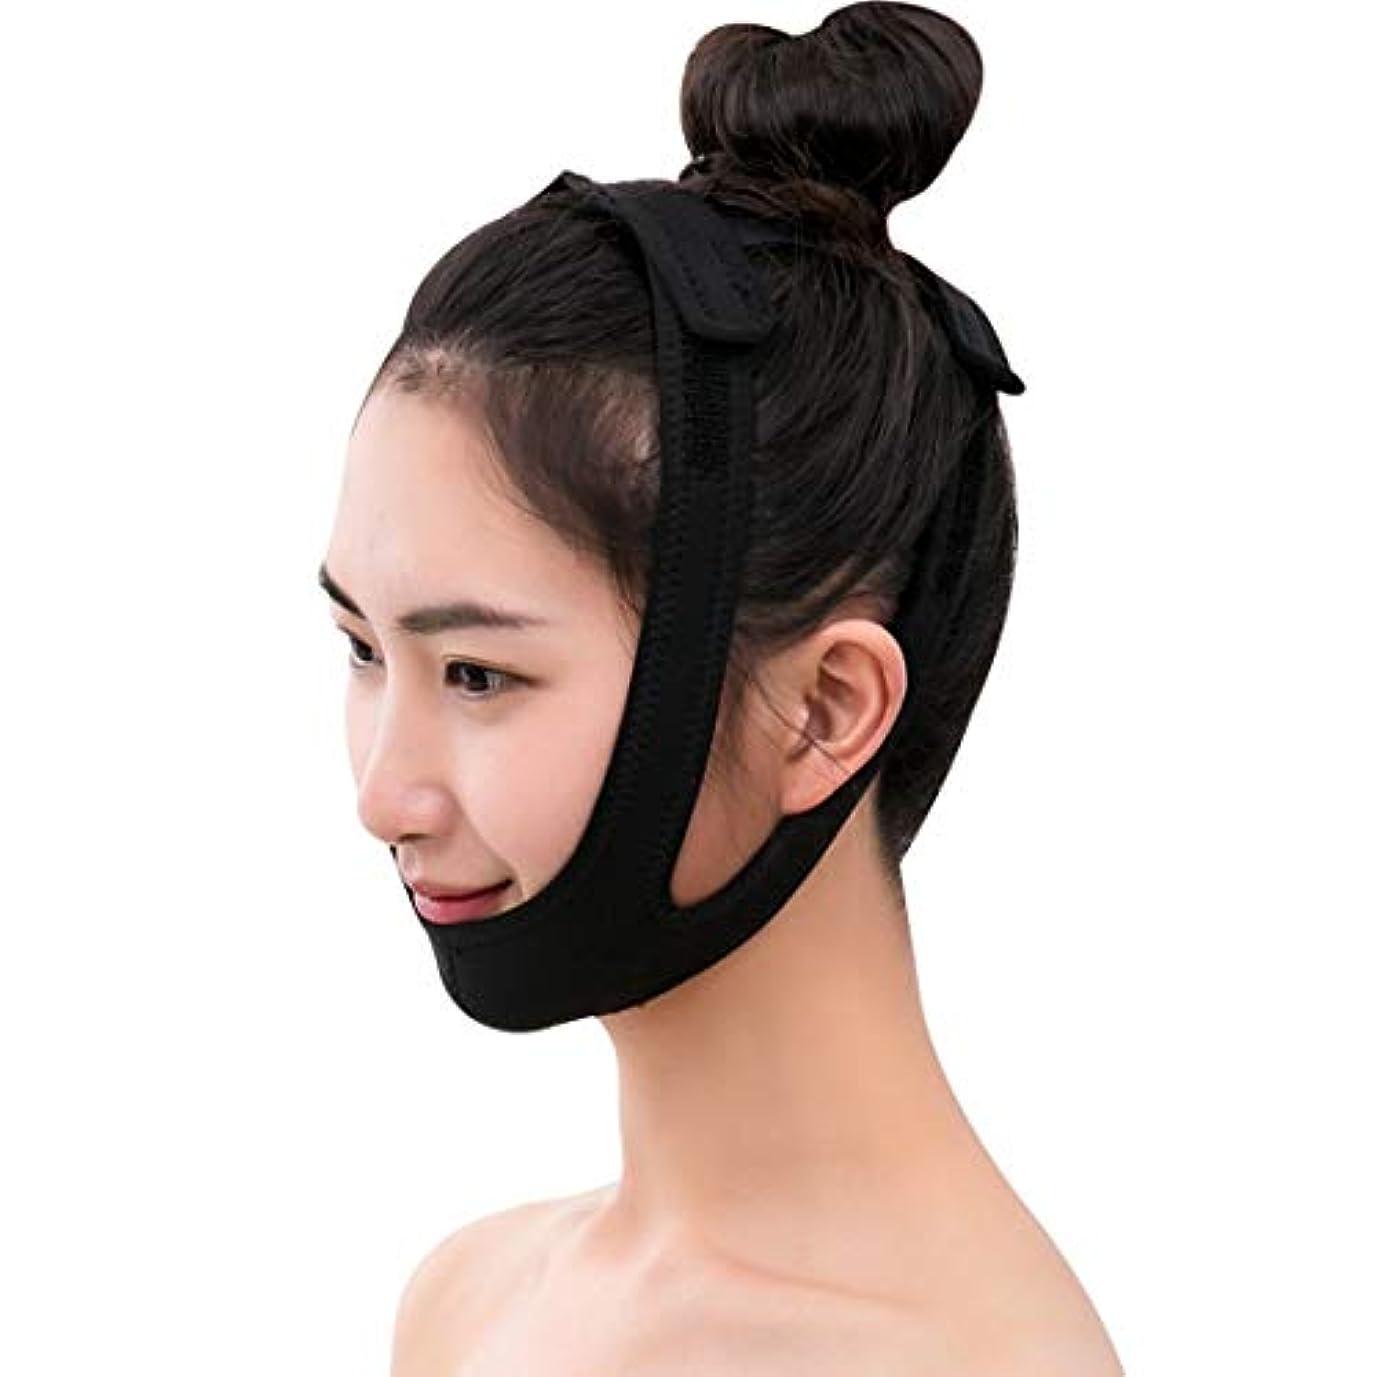 禁止する後退する庭園ZWBD フェイスマスク, フェイスリフティング包帯マスク小さなVフェイス包帯はツールで引くことができます睡眠薄い顔の顔の持ち上がる美顔のマッサージ調整可能なサイズブラック